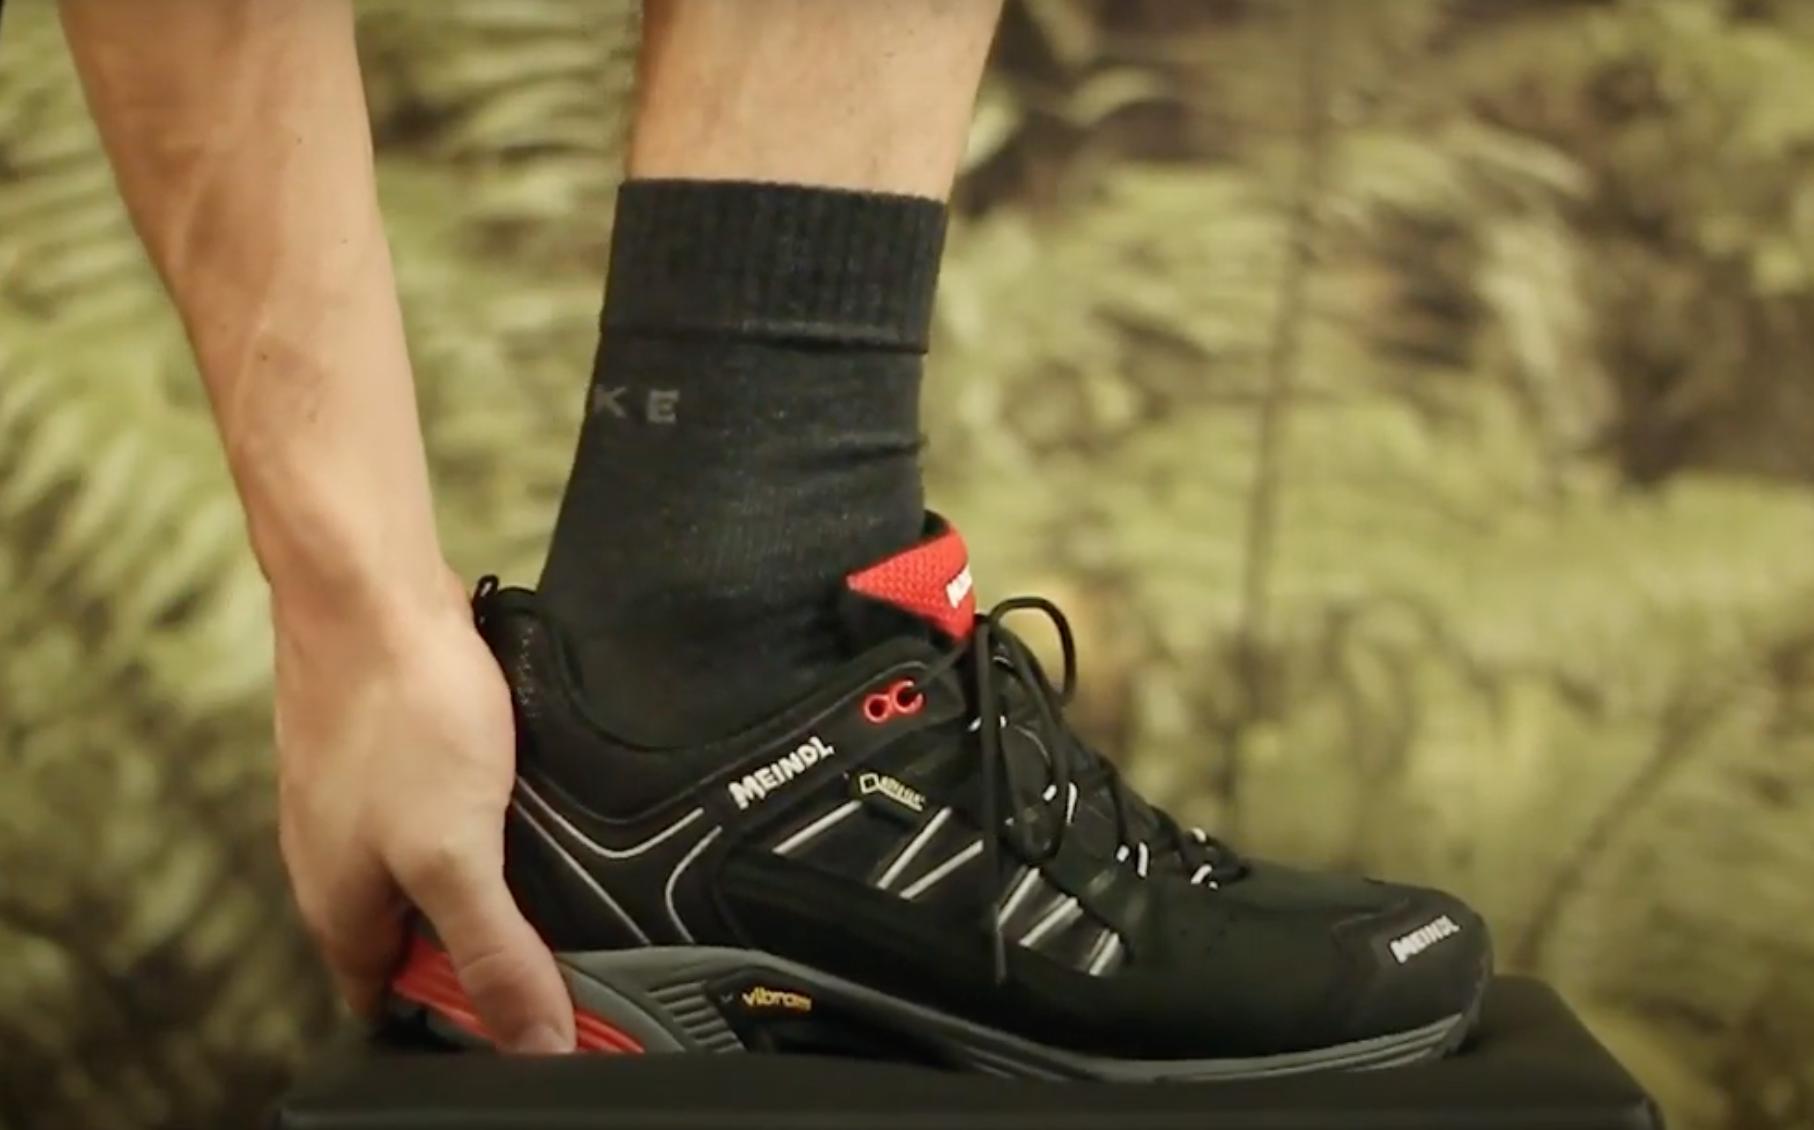 Wat is de juiste manier om je wandelschoen te veteren? Bekijk de video! - Video